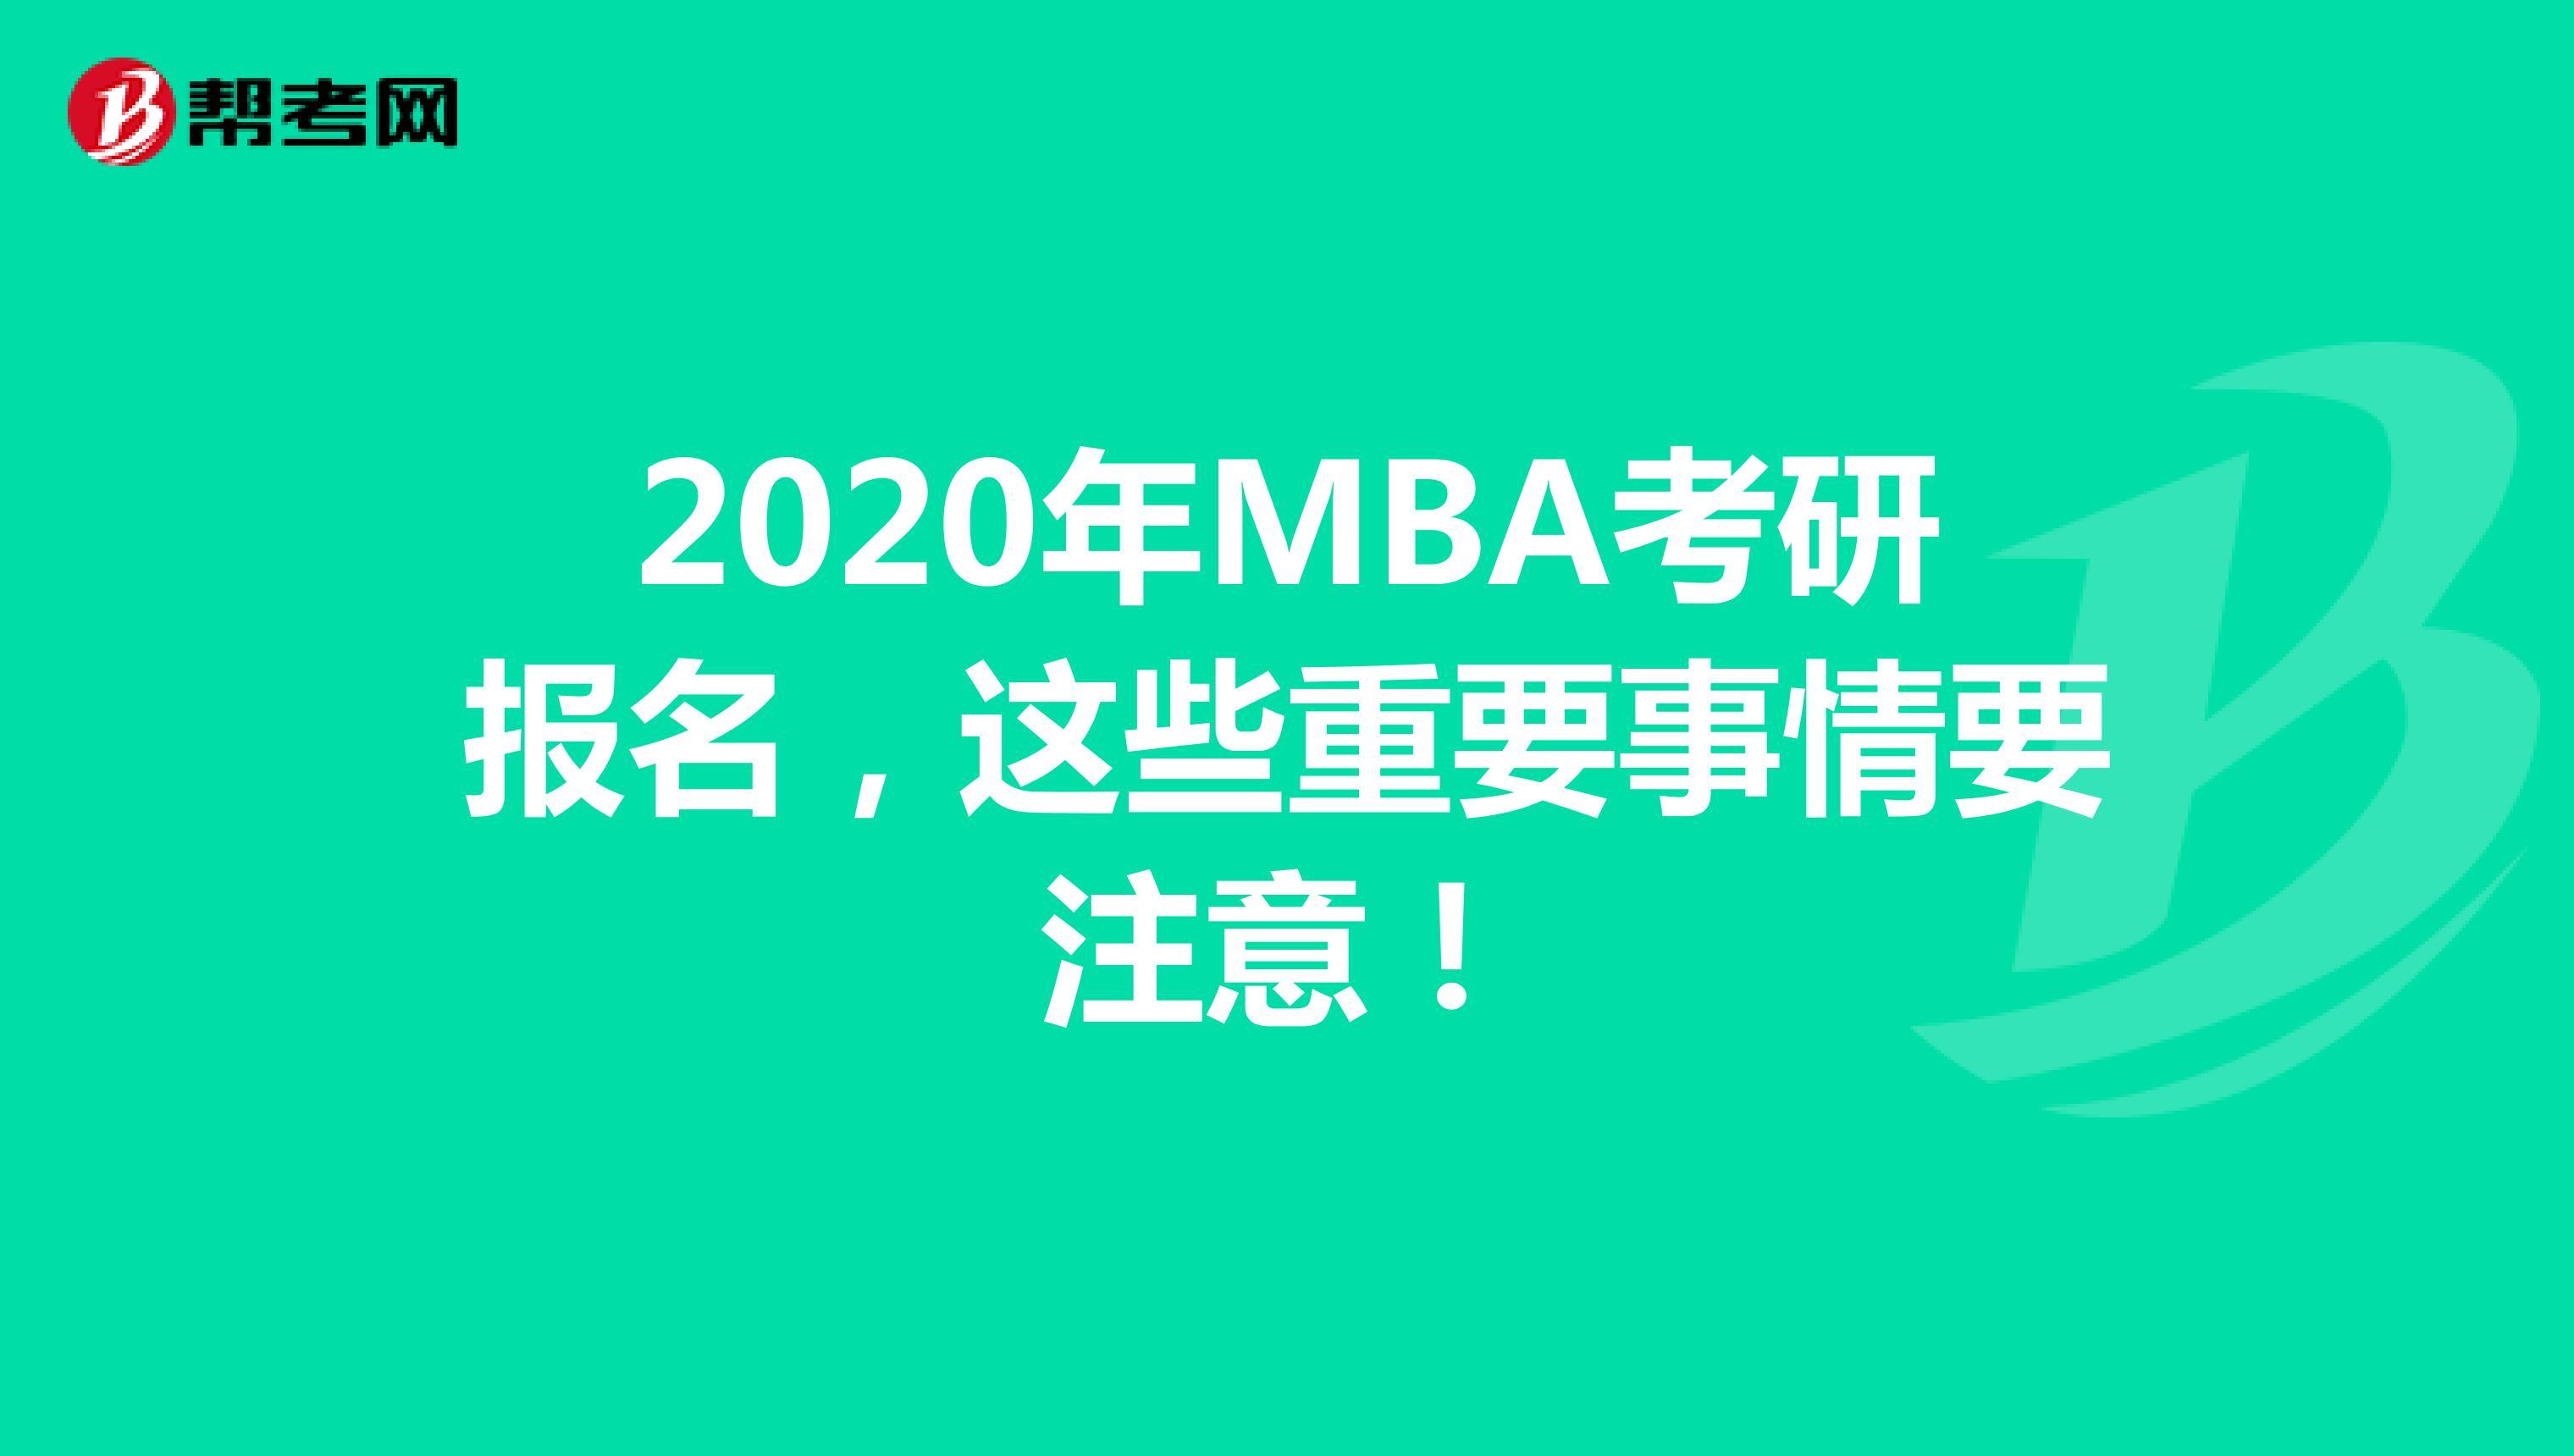 2020年MBA考研报名,这些重要事情要注意!